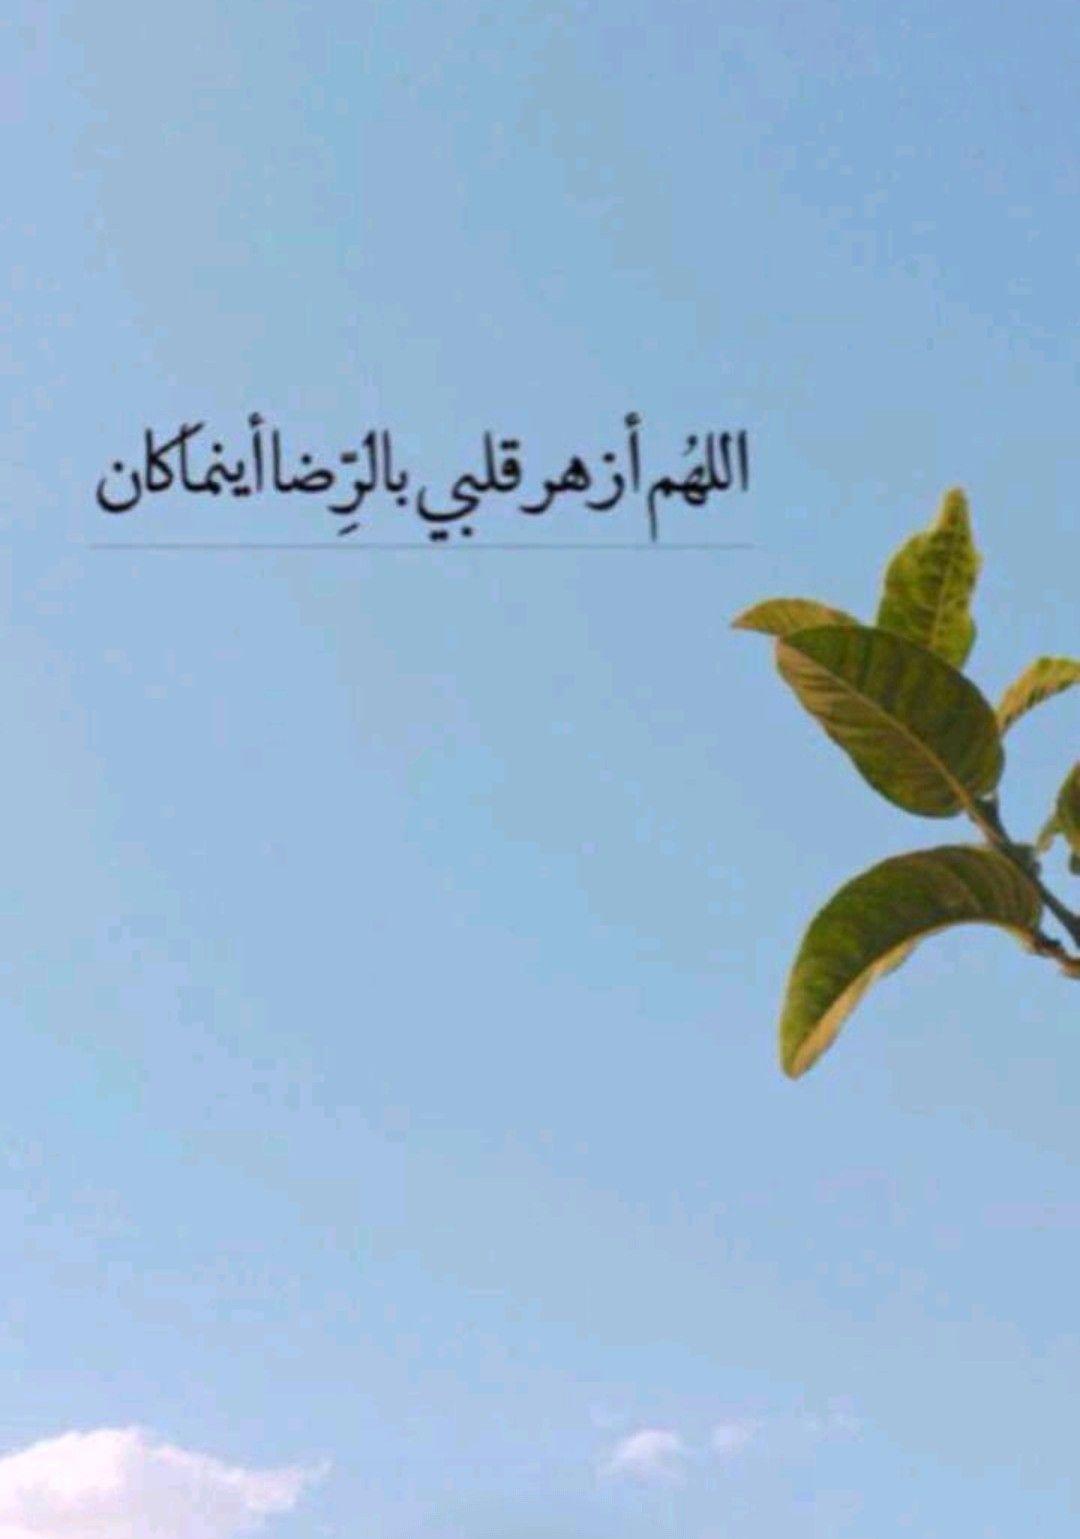 اللهم أزهر قلبي بالرضا أينما كان Arabic Words Allah Inner Peace